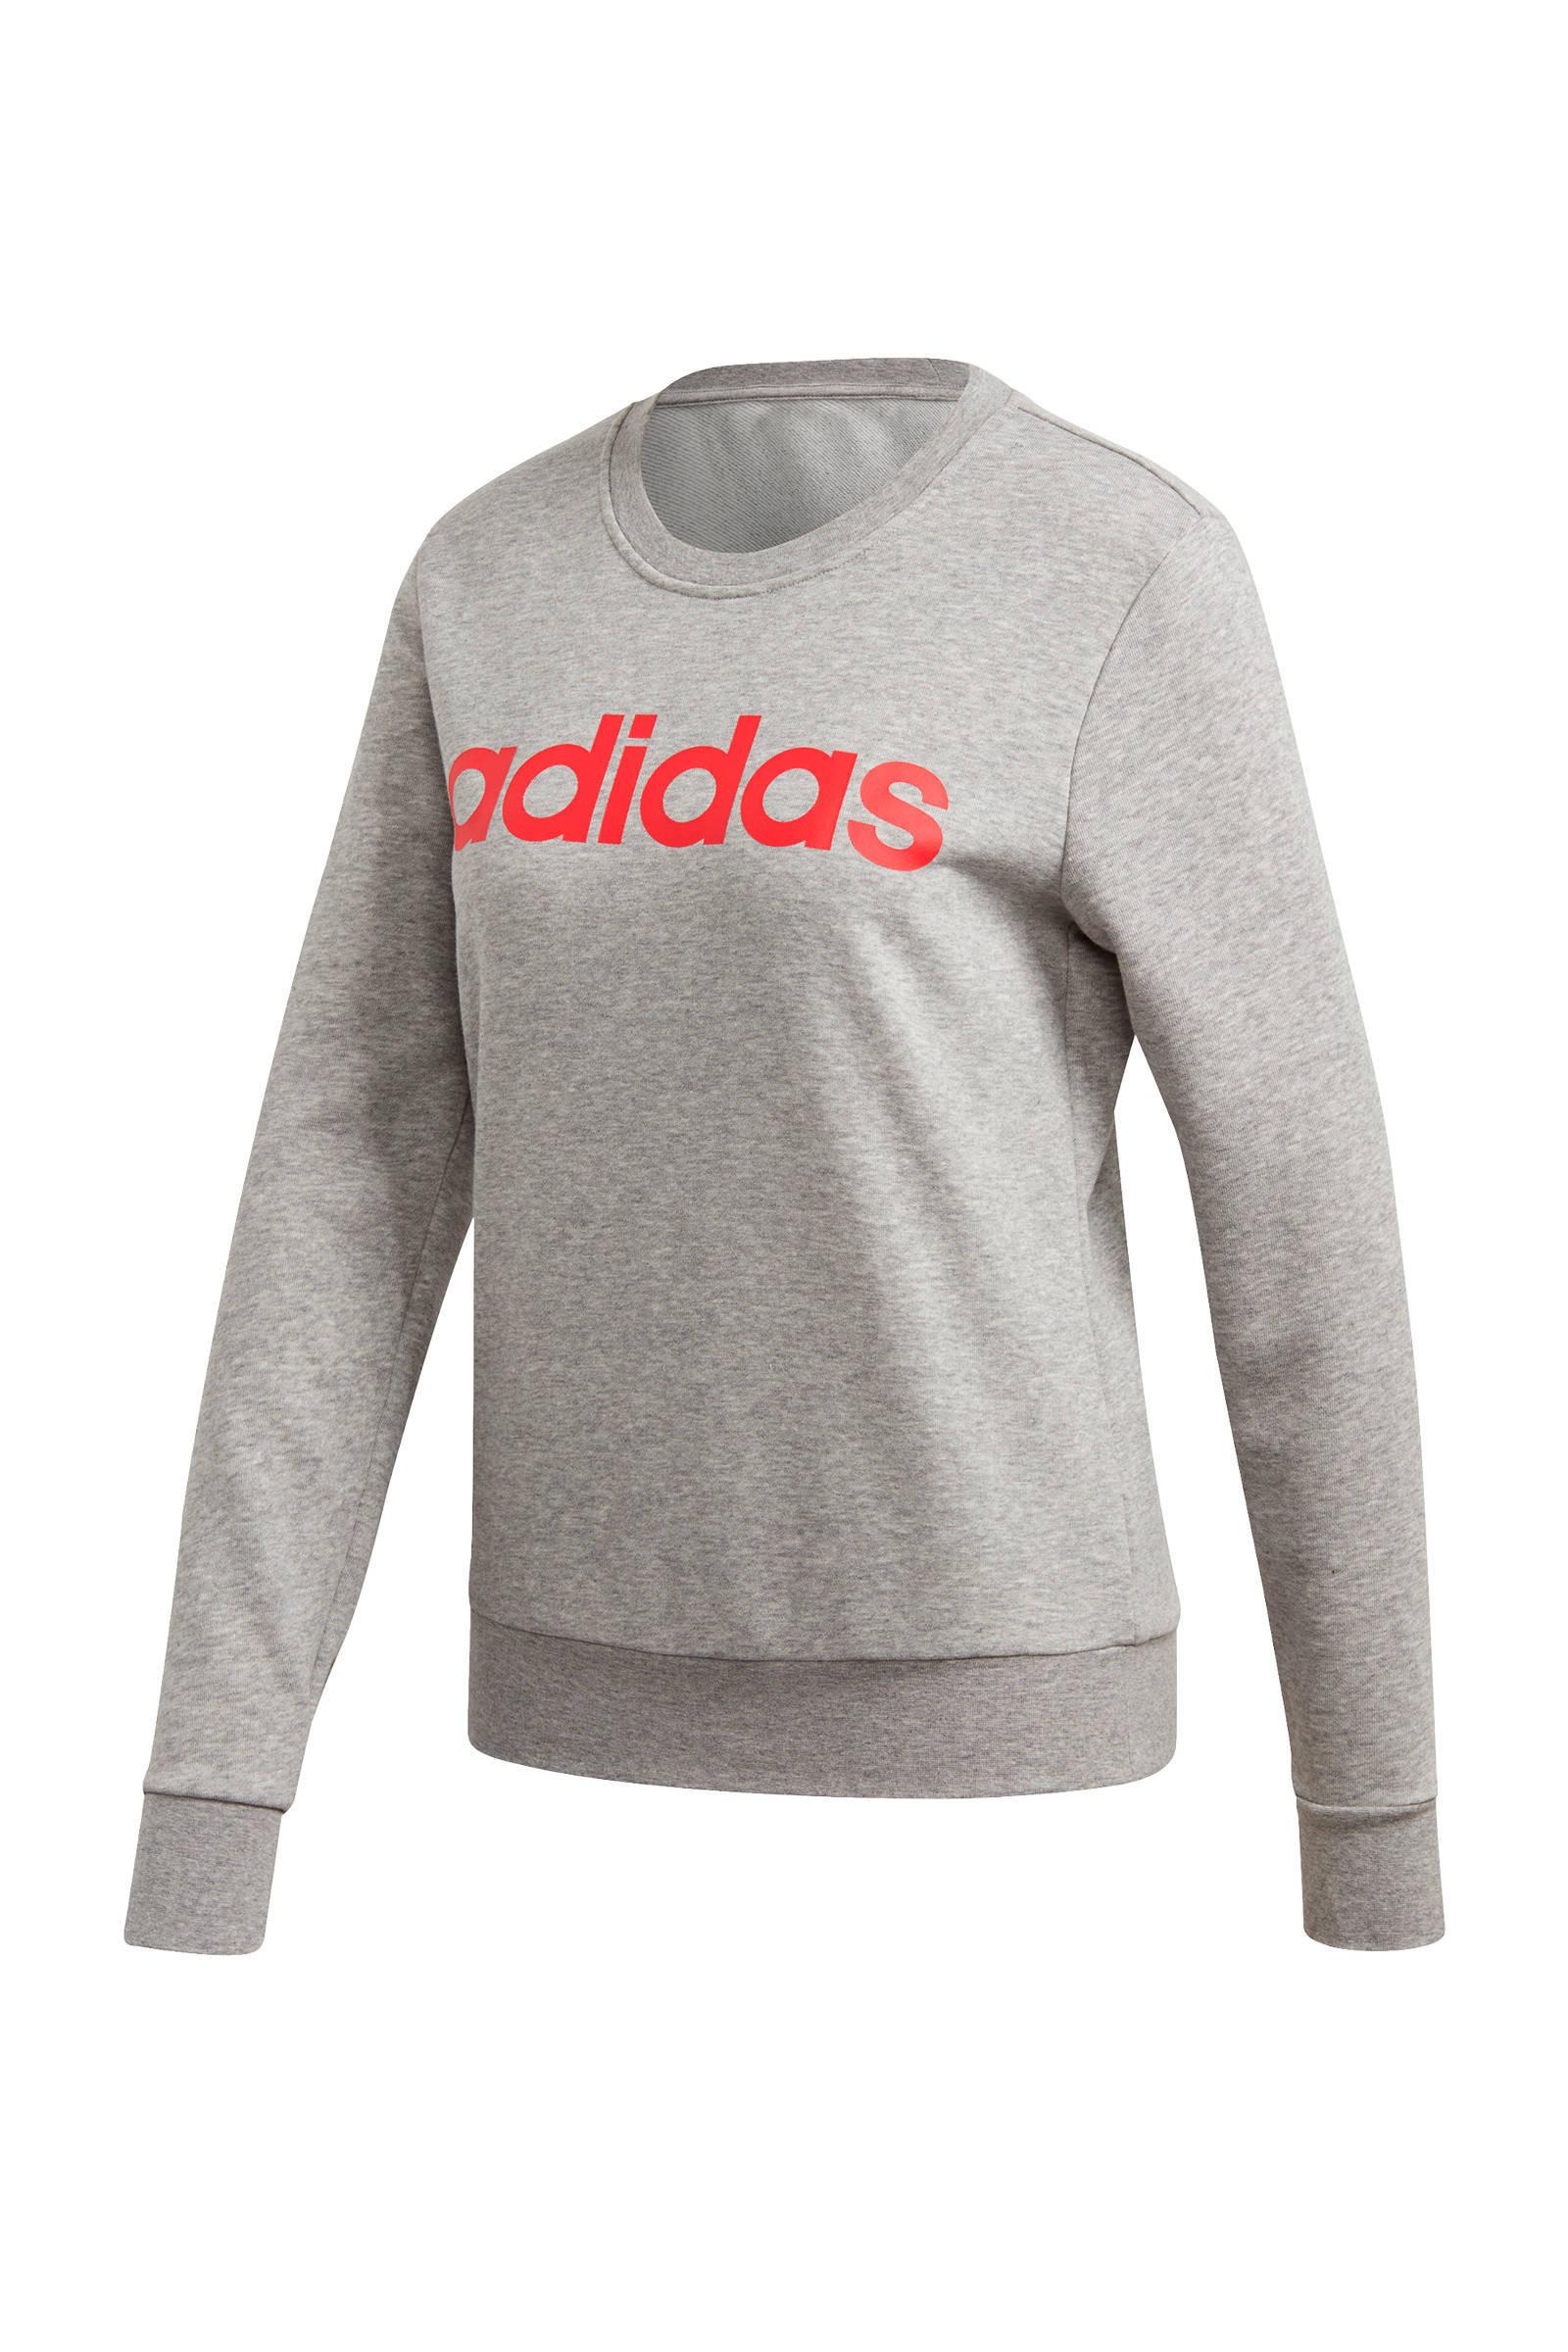 adidas dames truien & vesten bij wehkamp Gratis bezorging